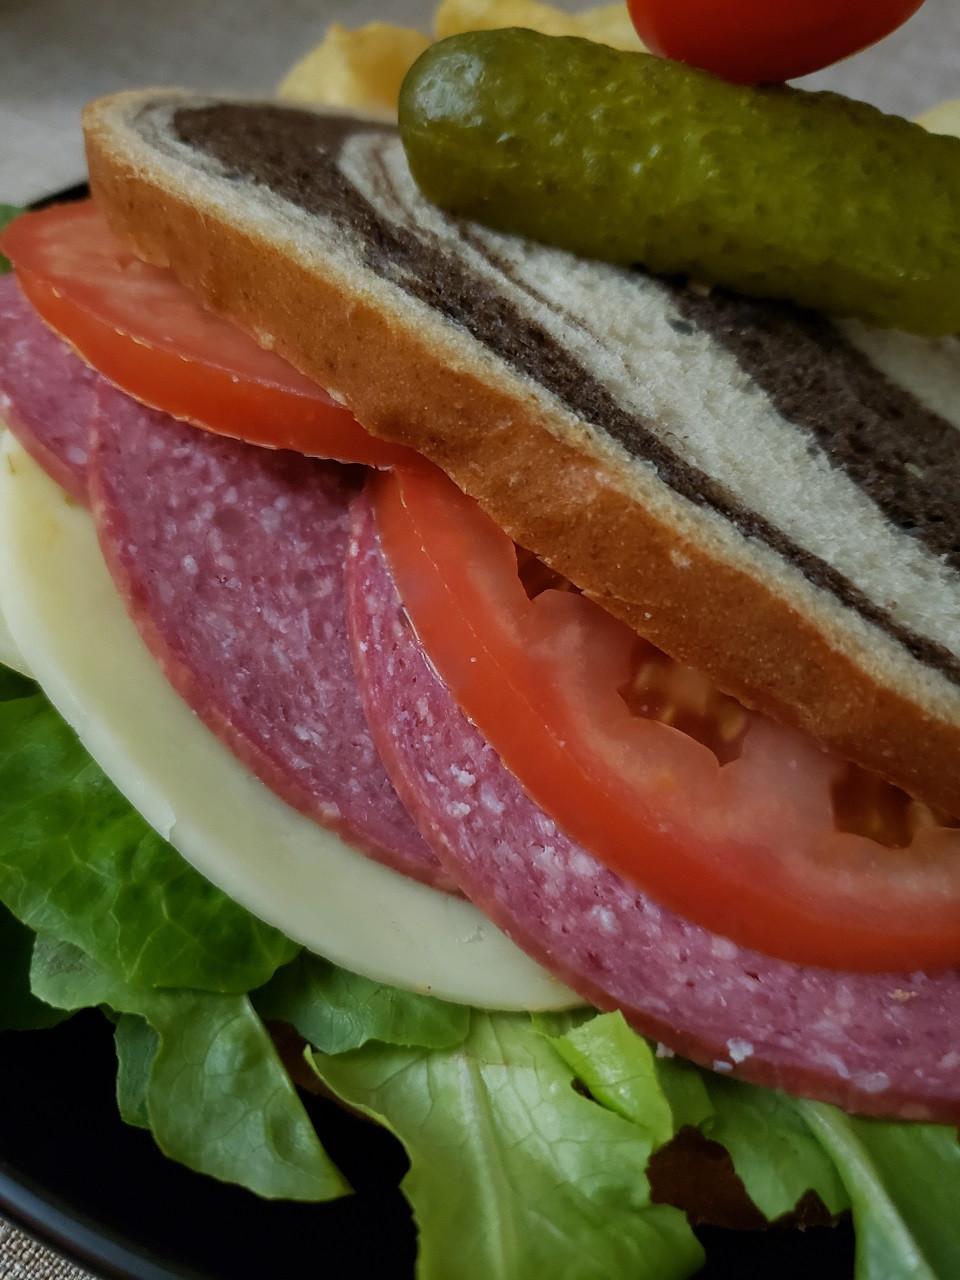 Busch Beef Summer Sausage Slicer 7.8 lb whole